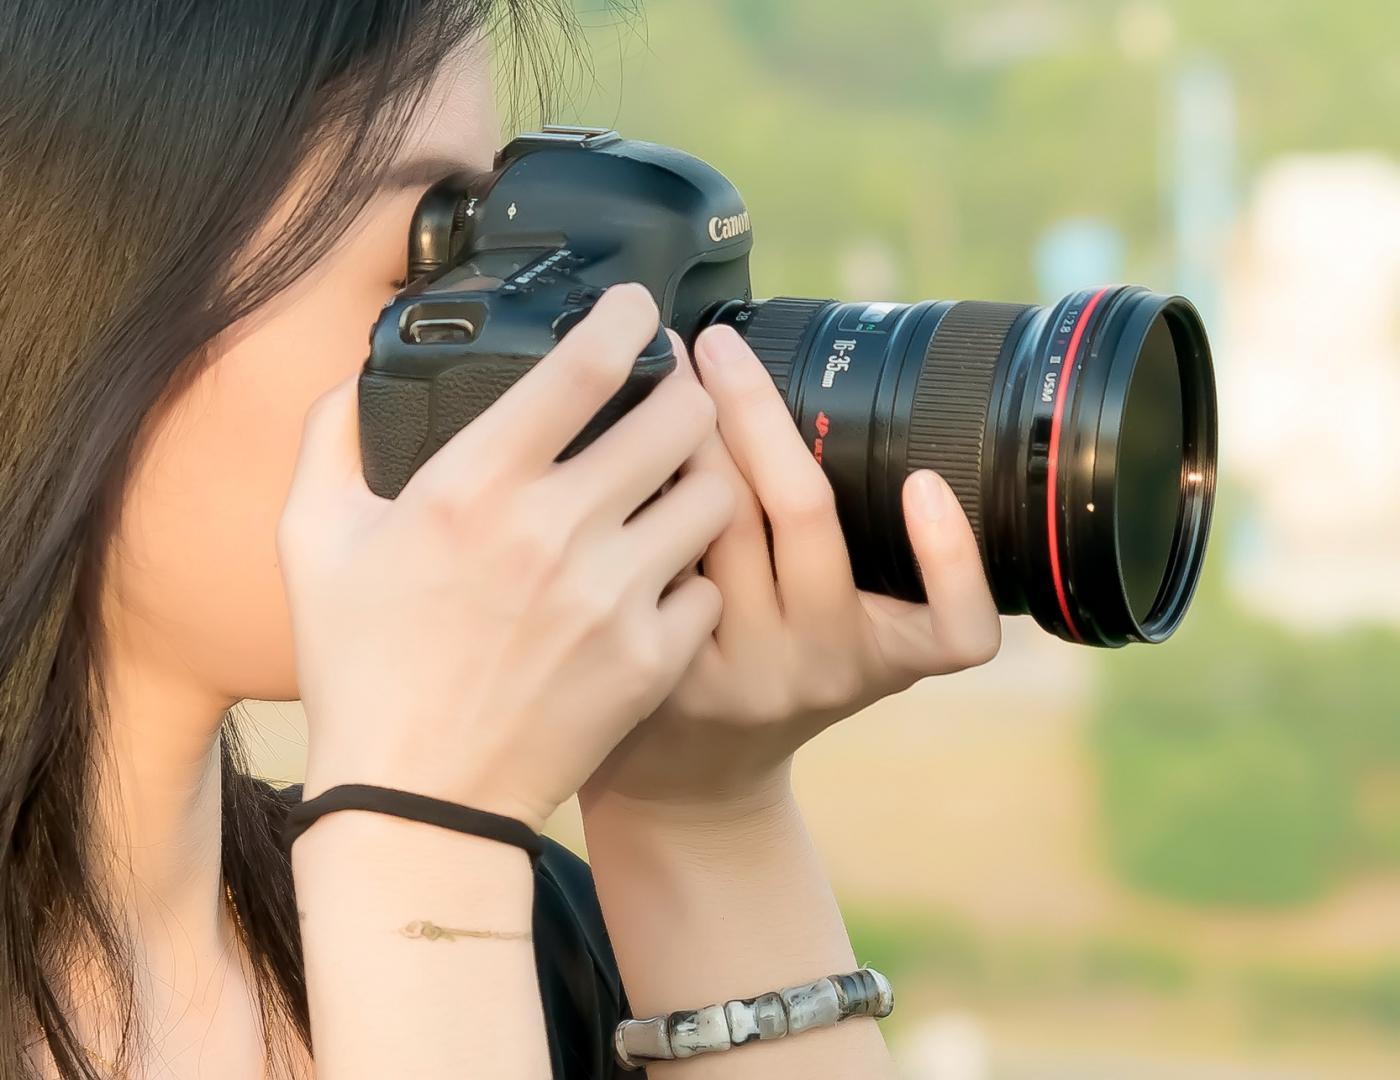 我所见过的最漂亮的女摄影师 姑娘的摄影是舞蹈老师教的吧_图1-9